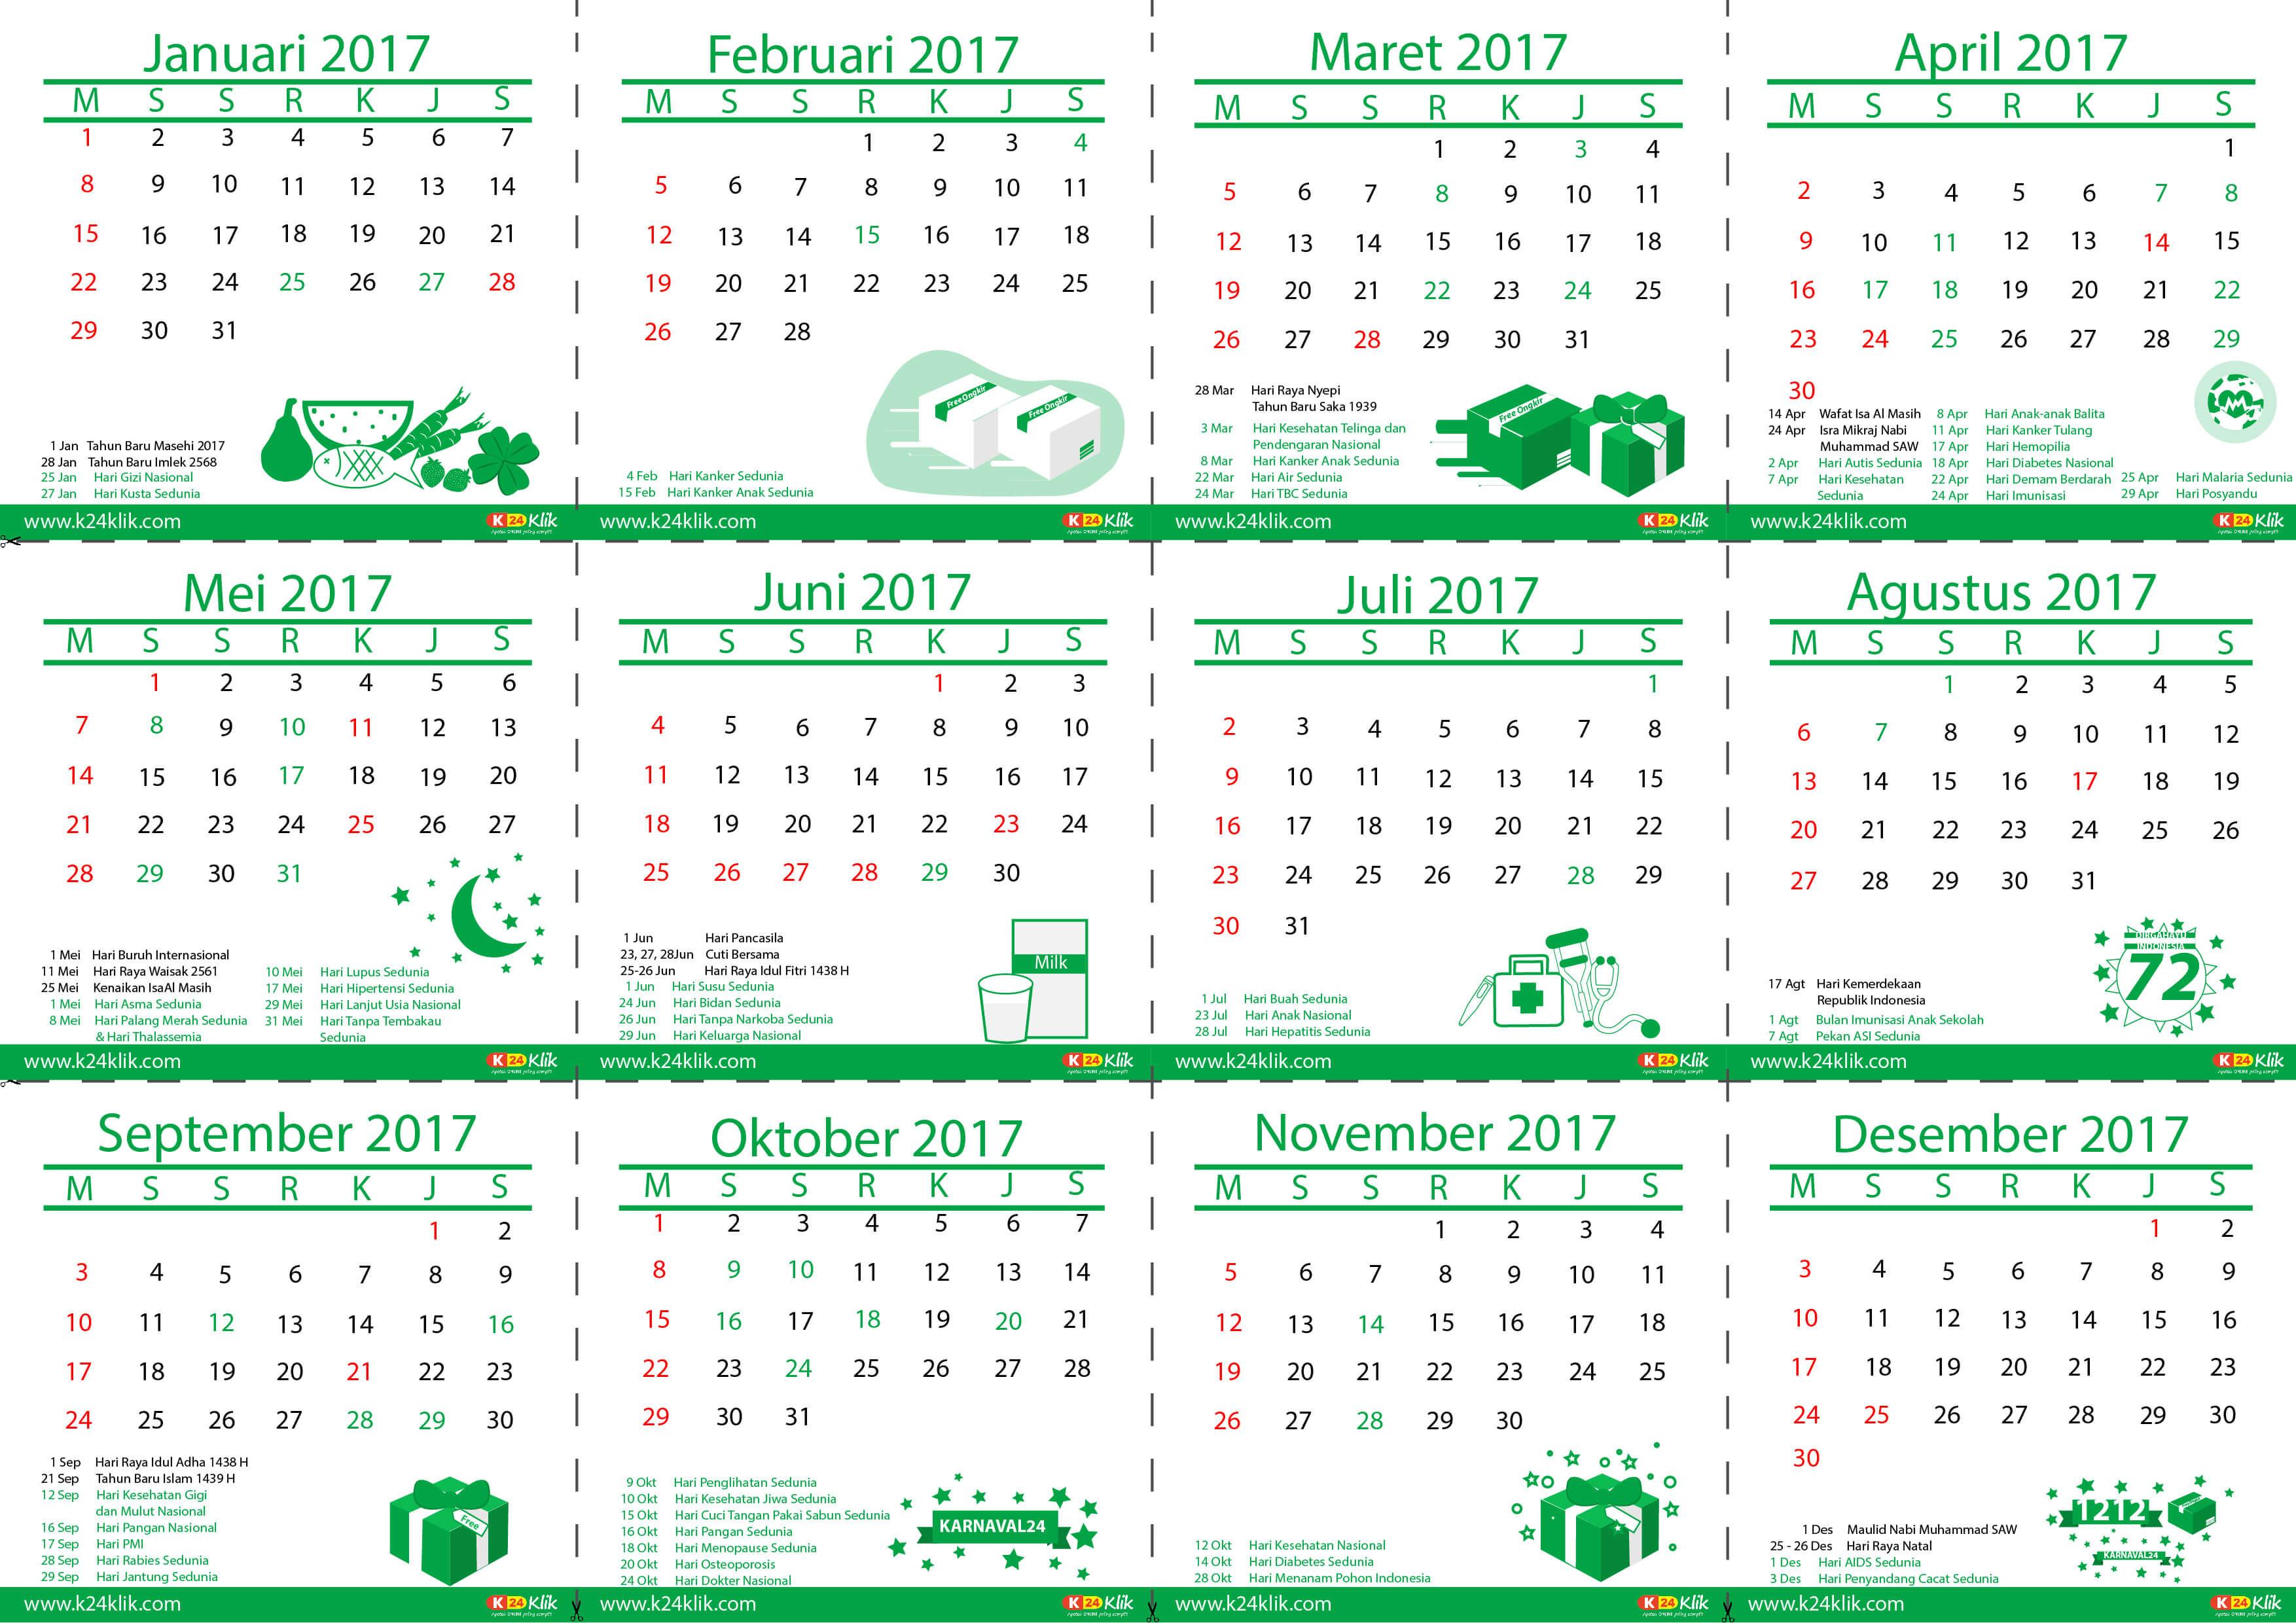 k24klik kalender kesehatan 2017 blog k24klik. Black Bedroom Furniture Sets. Home Design Ideas